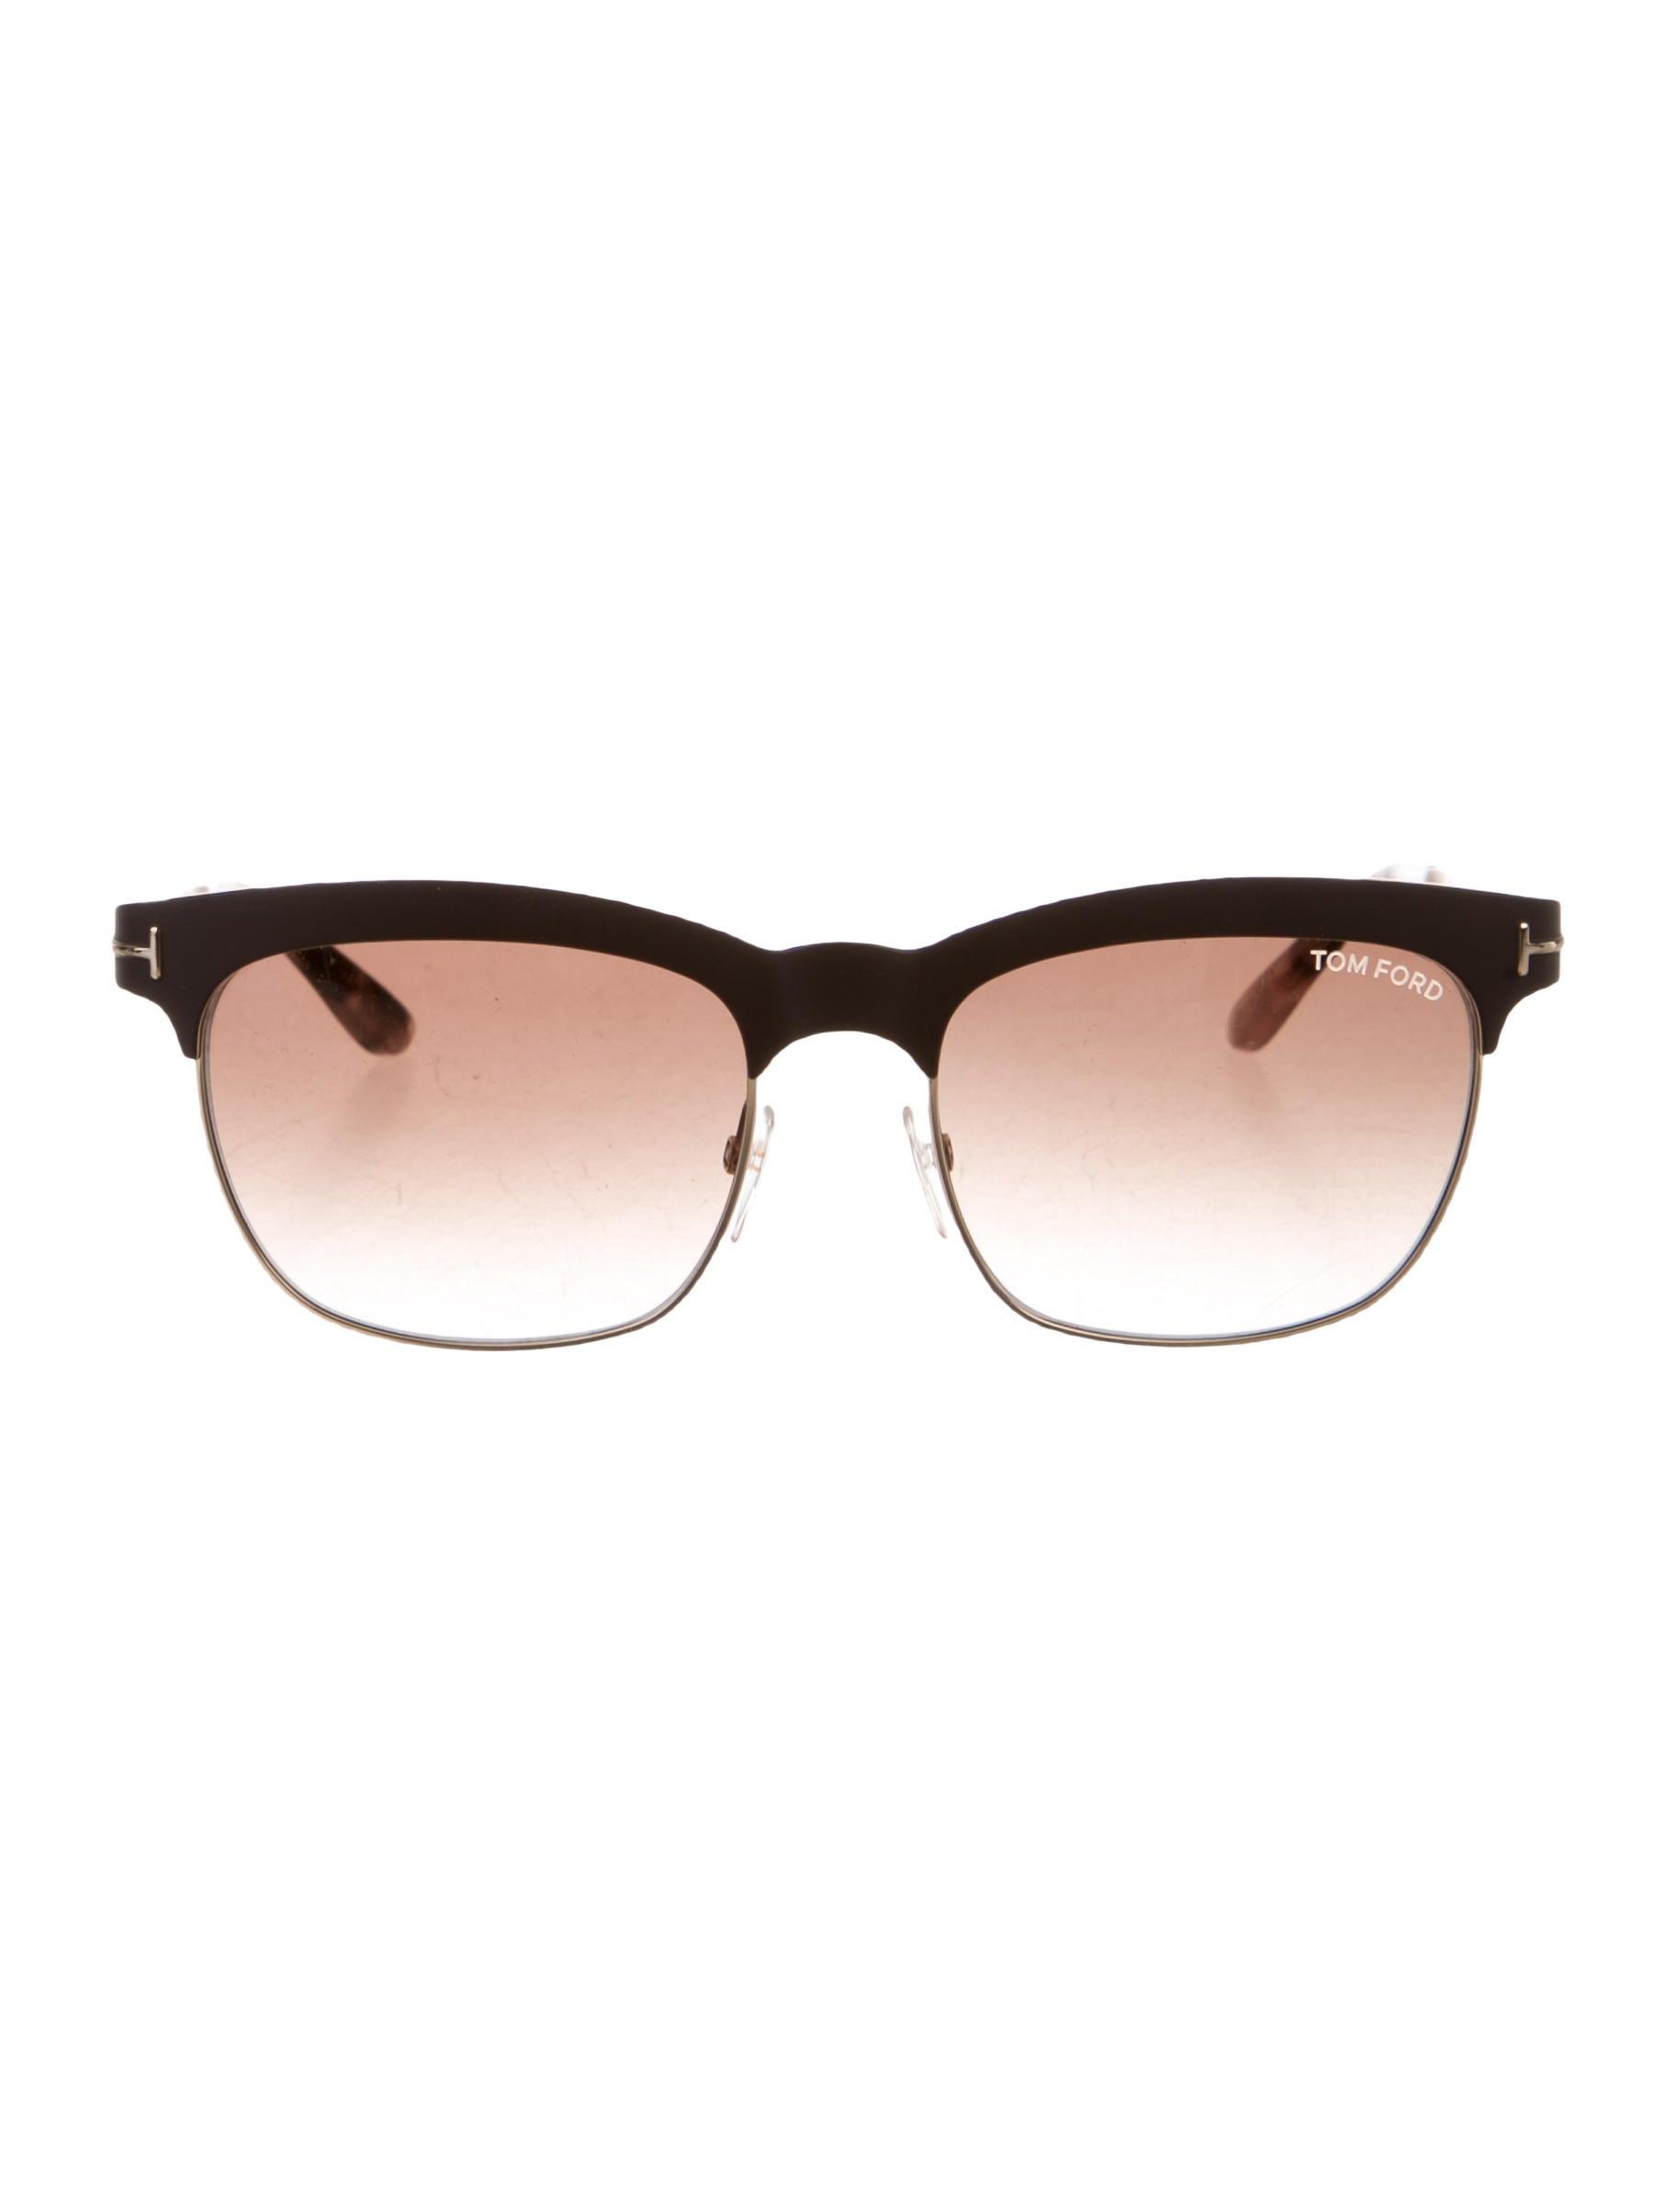 3a36972cdf643 Tom Ford Elena Gradient Lens Sunglasses - Accessories - TOM28580 ...